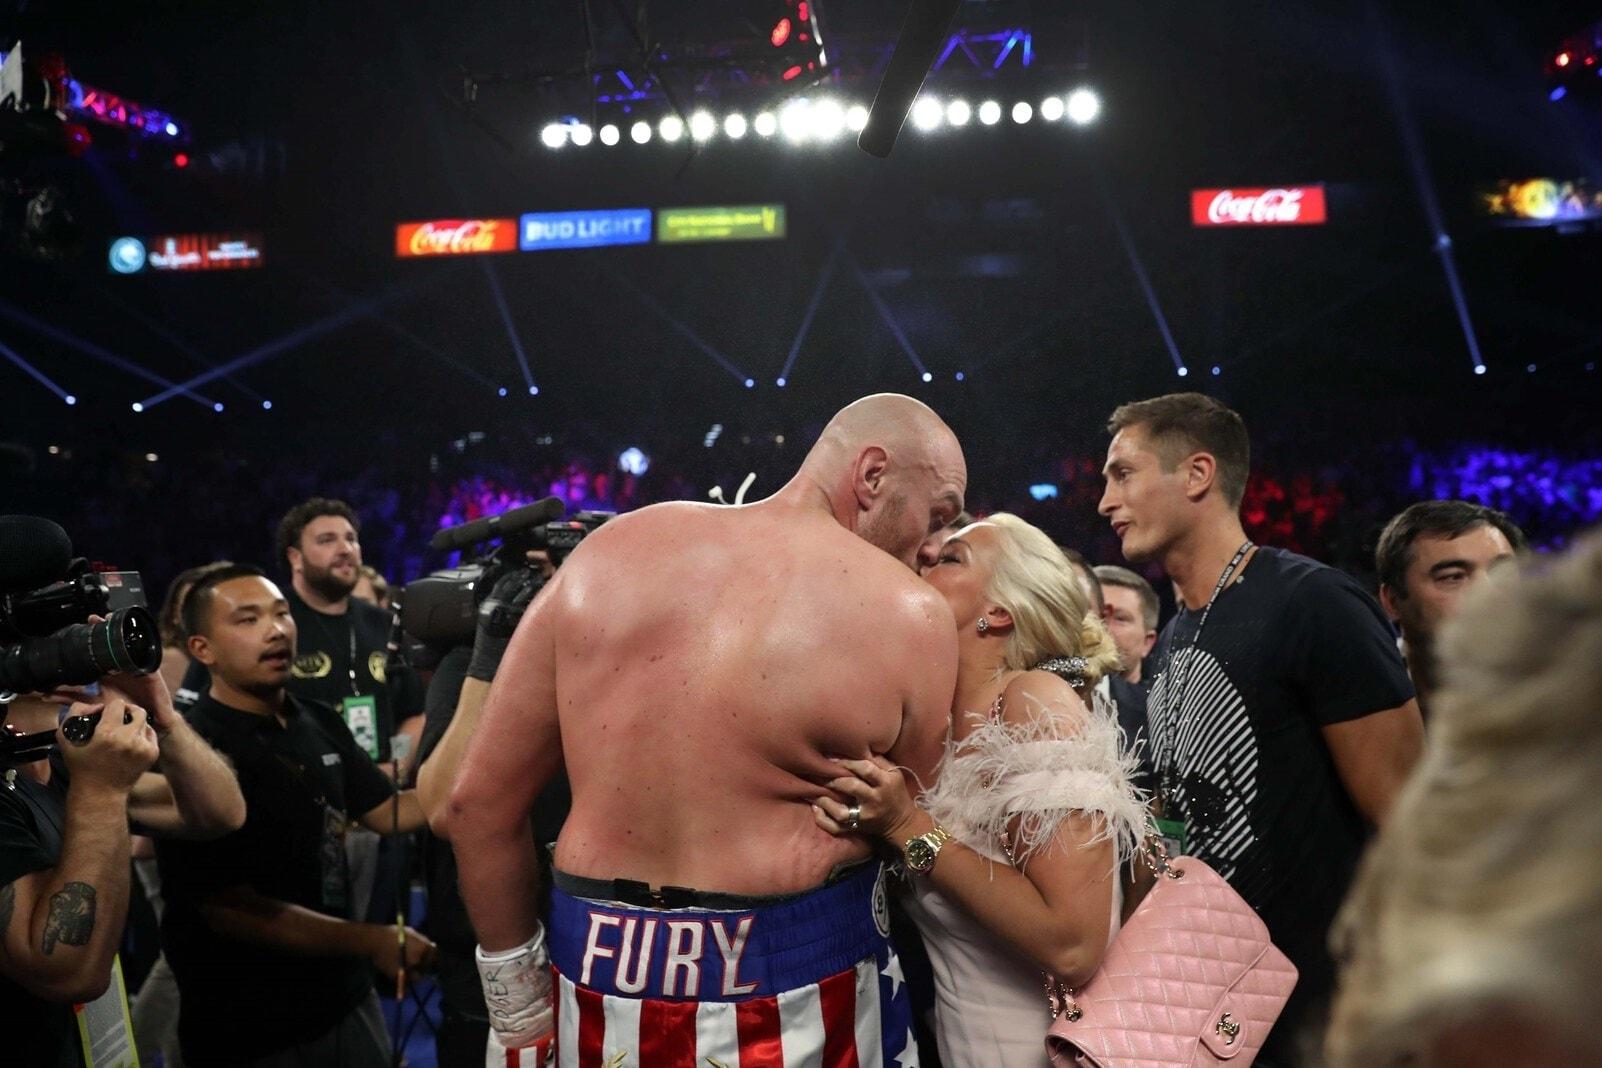 sagte Fury nach seinem klaren Sieg. Foto: John Locher/dpa